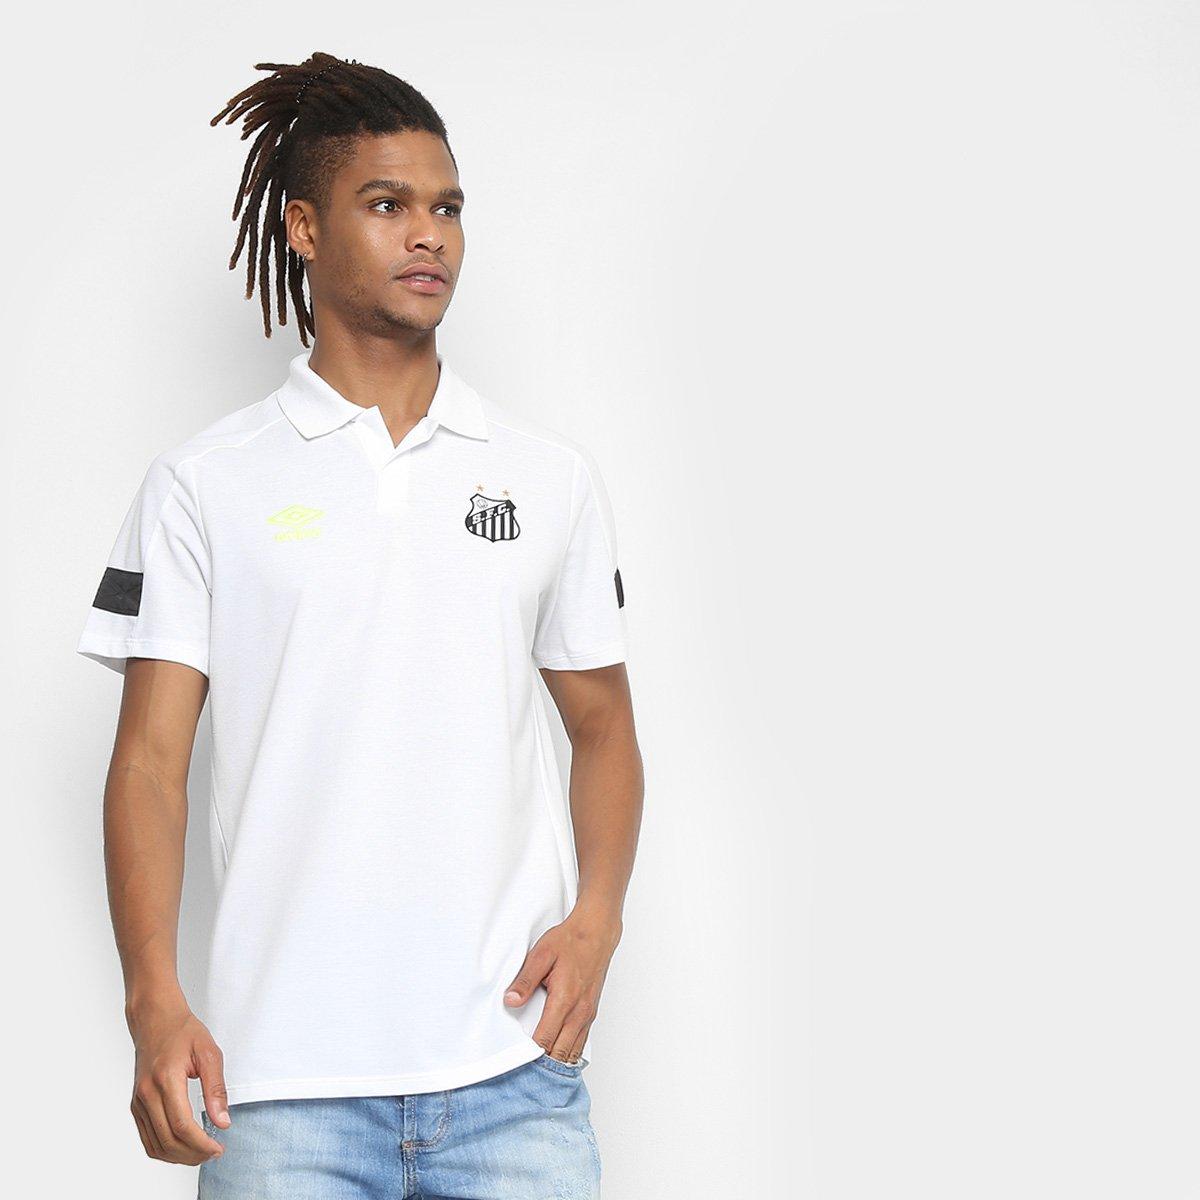 c7494268b20e5 Camisa Polo Santos 2018 Viagem Umbro Masculina